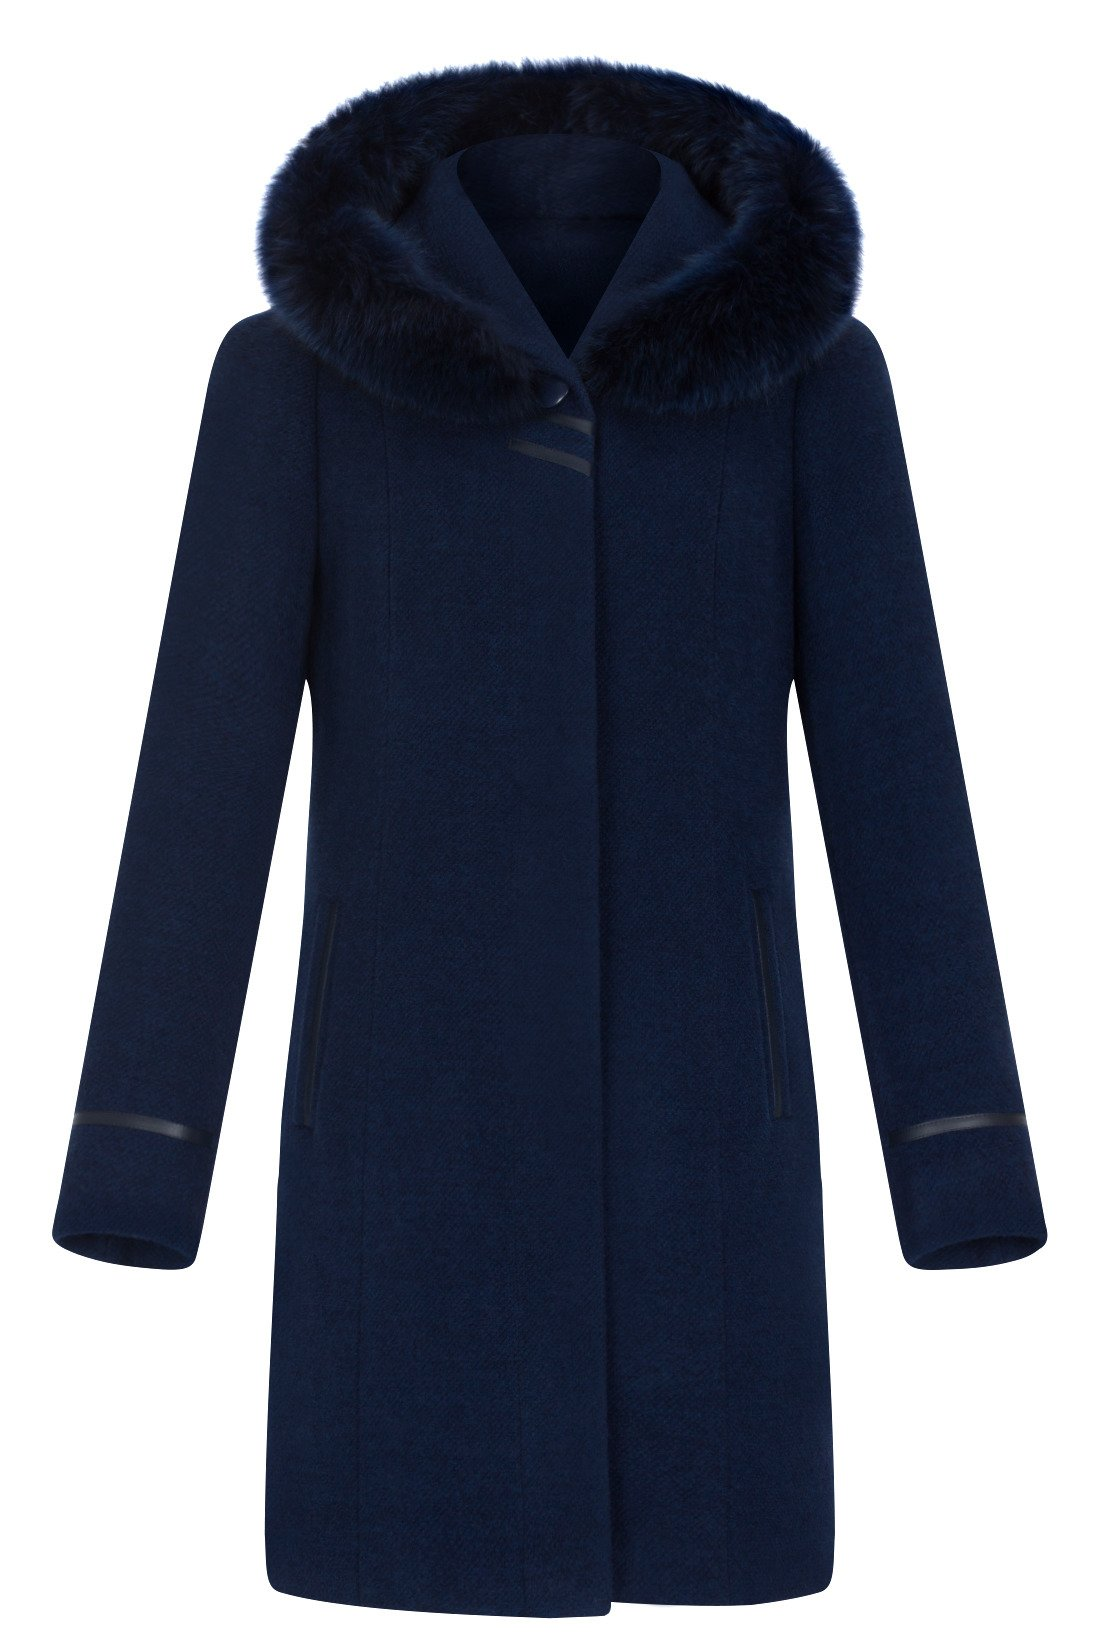 c4b2fdfd176c6 Płaszcz zimowy Moris Aldona niebieski z kapturem i lisem | sklep ...